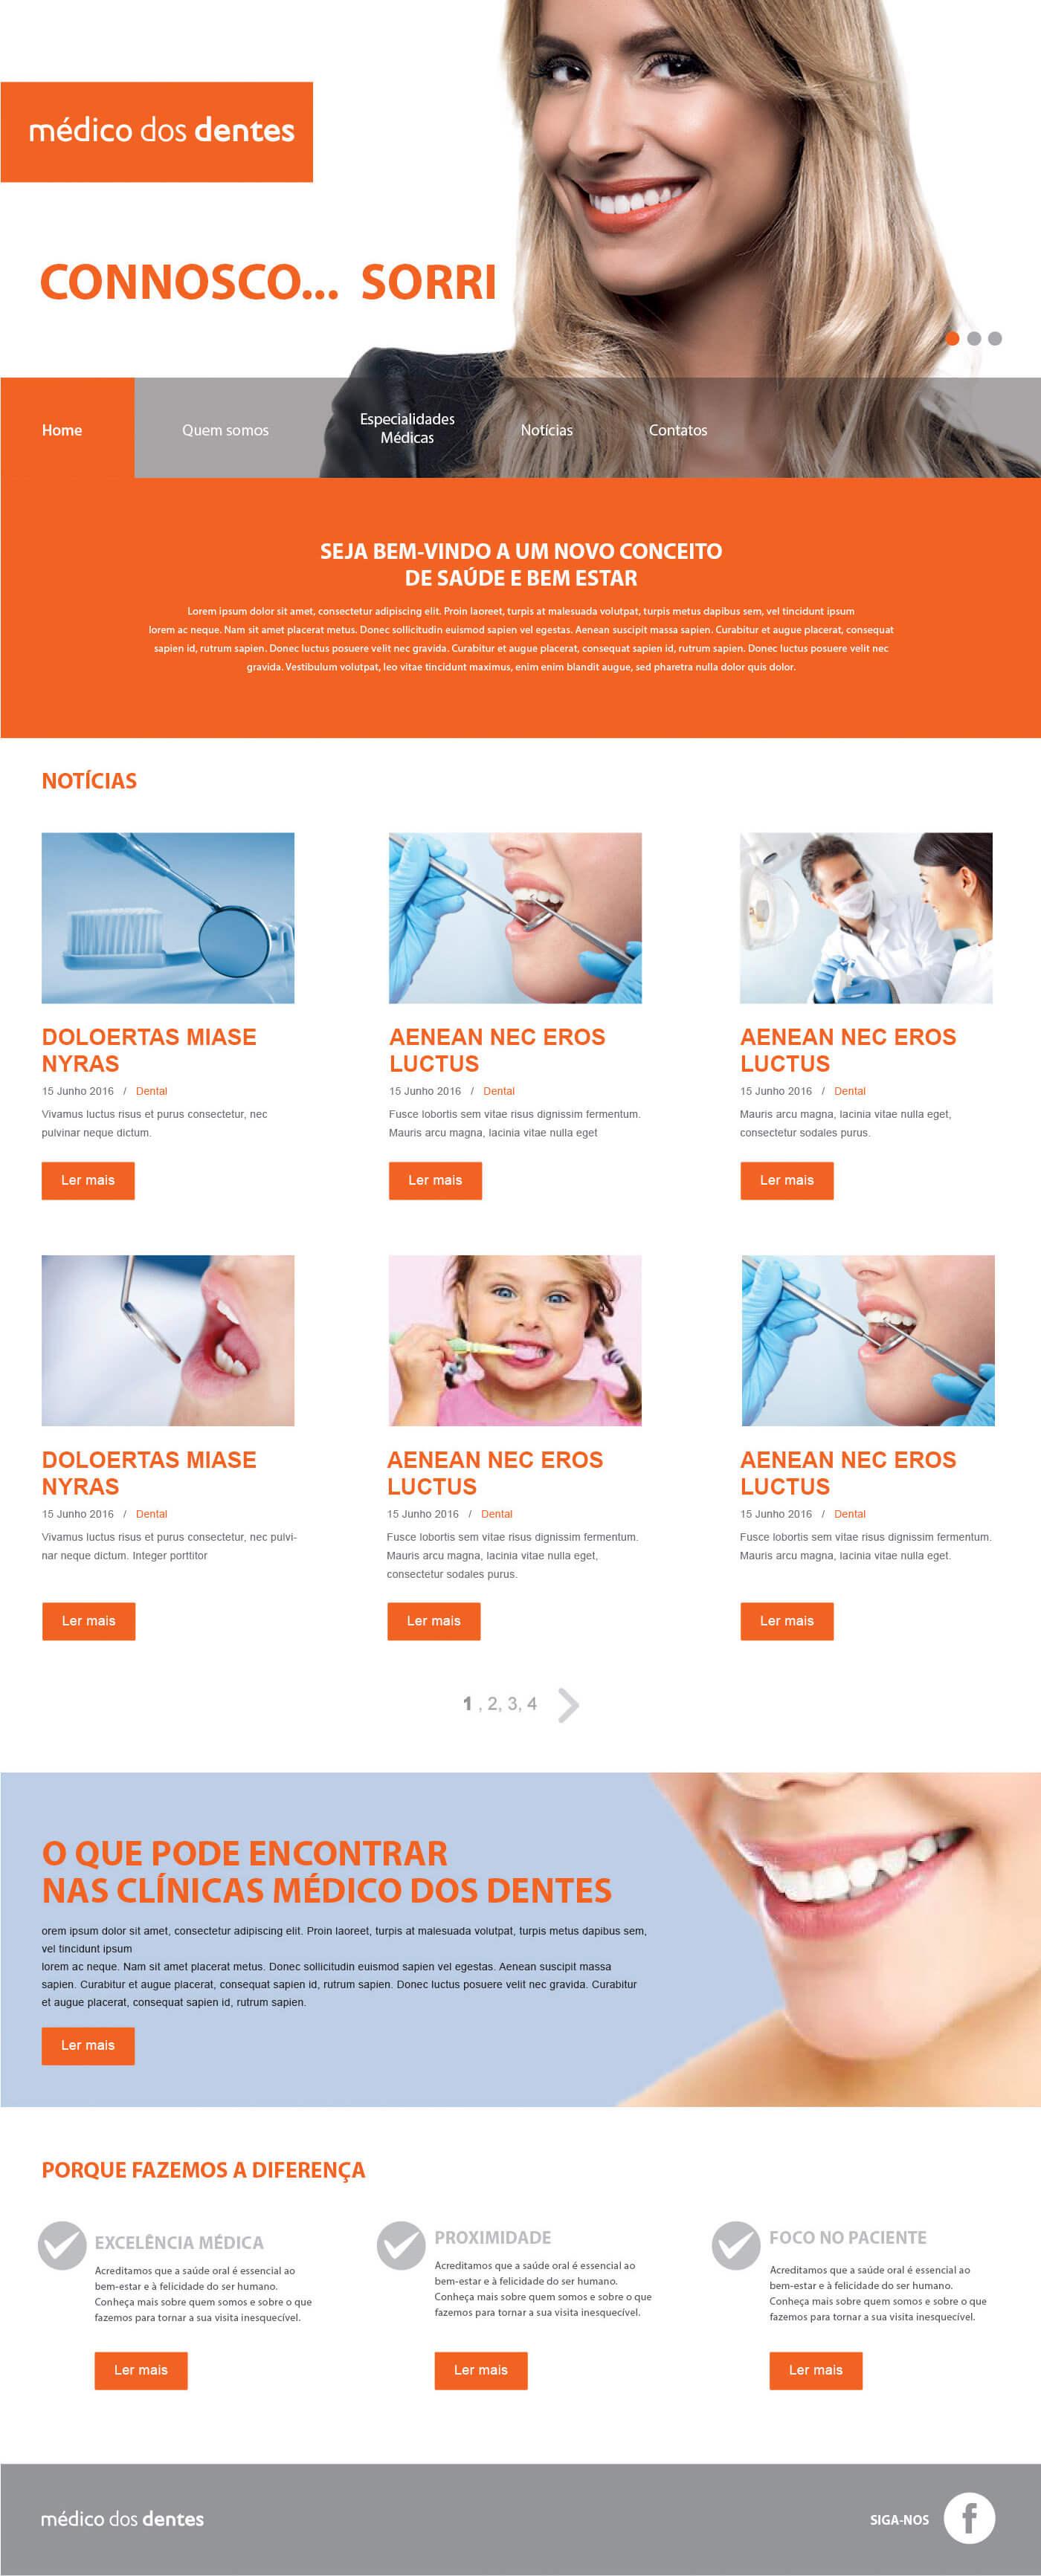 Médico dos Dentes - Página Inicial | Luis Serra Freelancer